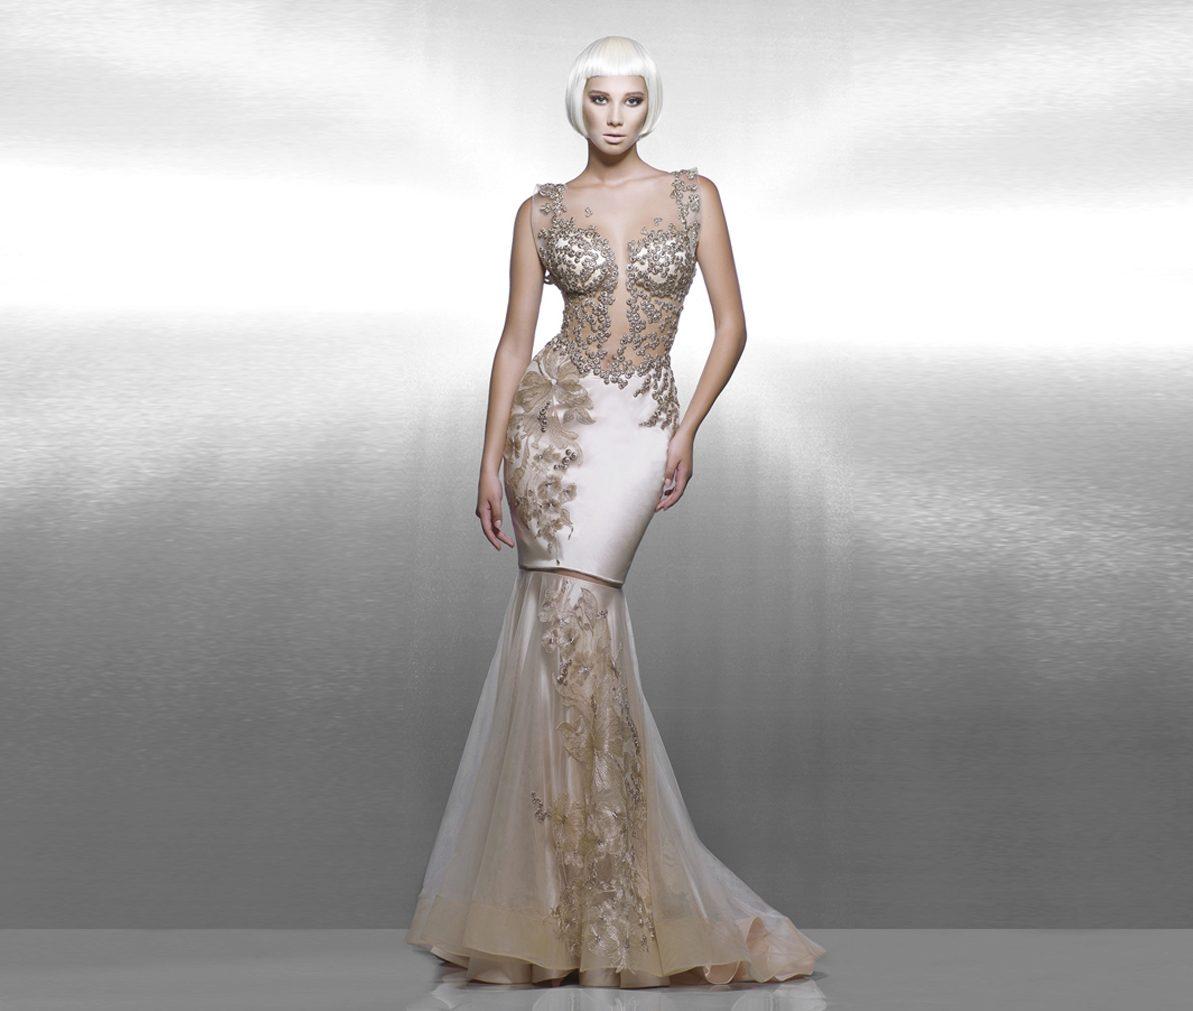 fd8b52316ee Вечернее платье бежевое от Saiid Kobeisy в стиле нюд